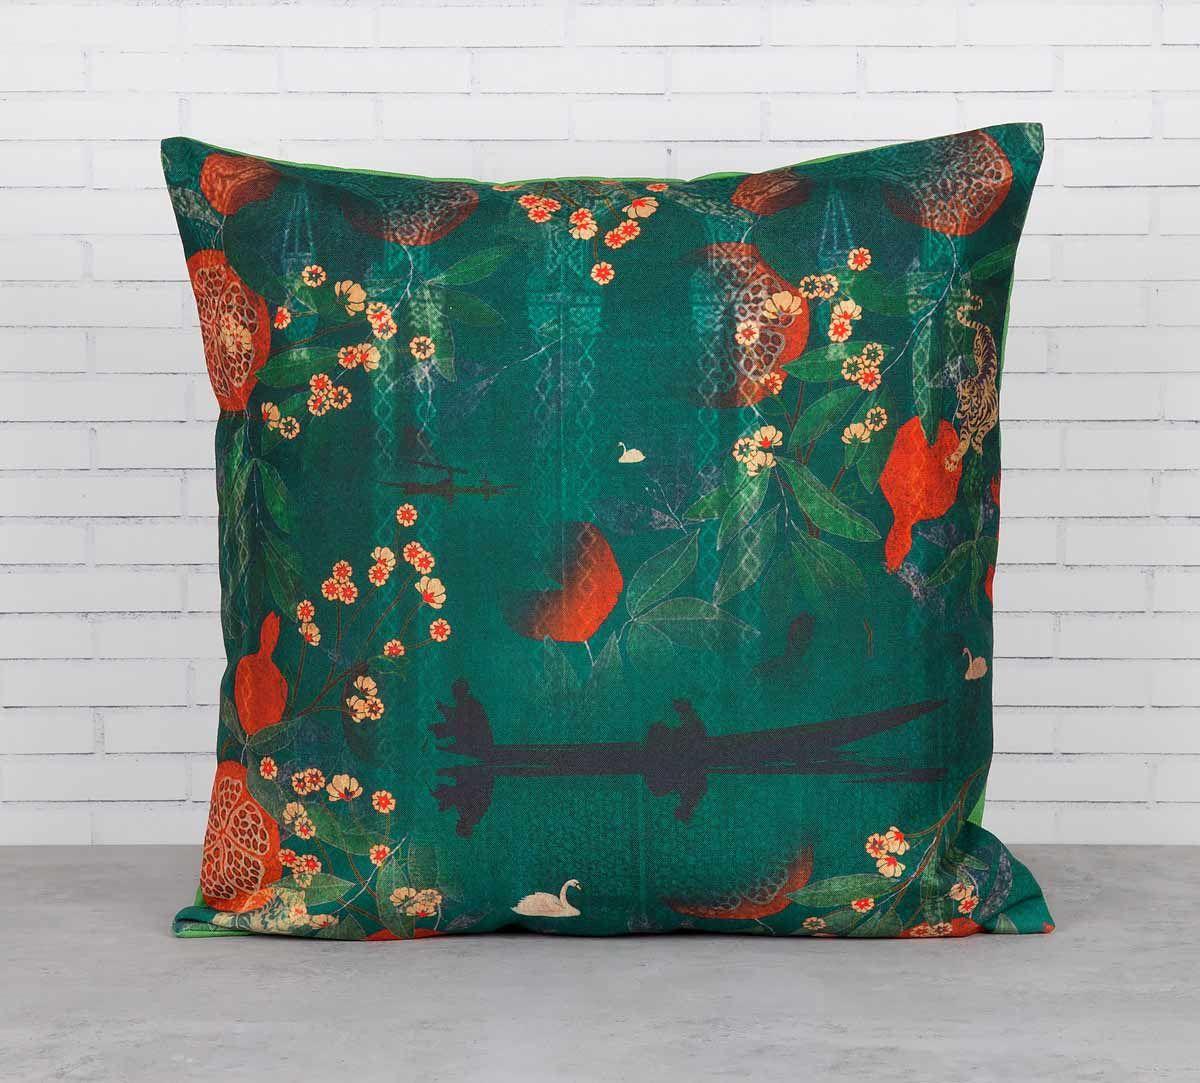 India Circus Lakeside Florist Cushion Cover